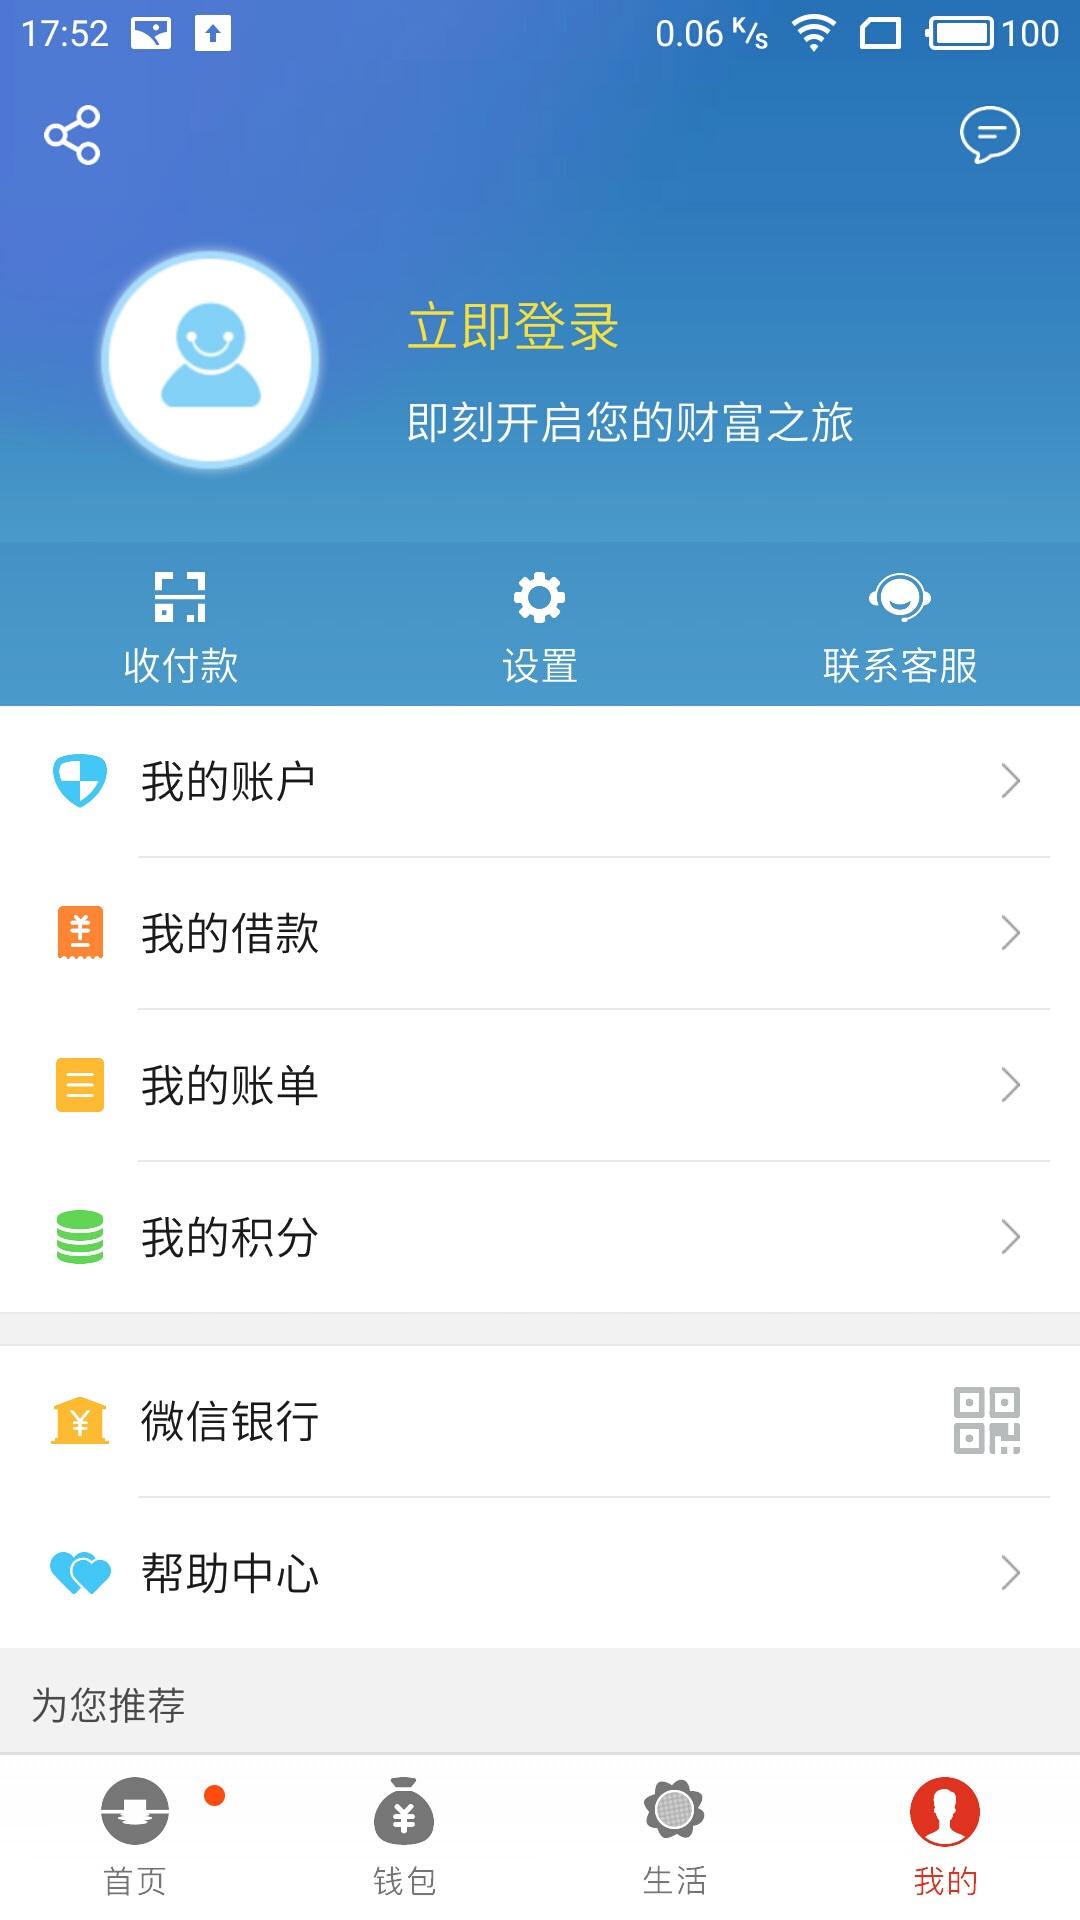 江南农村商业银行截图4